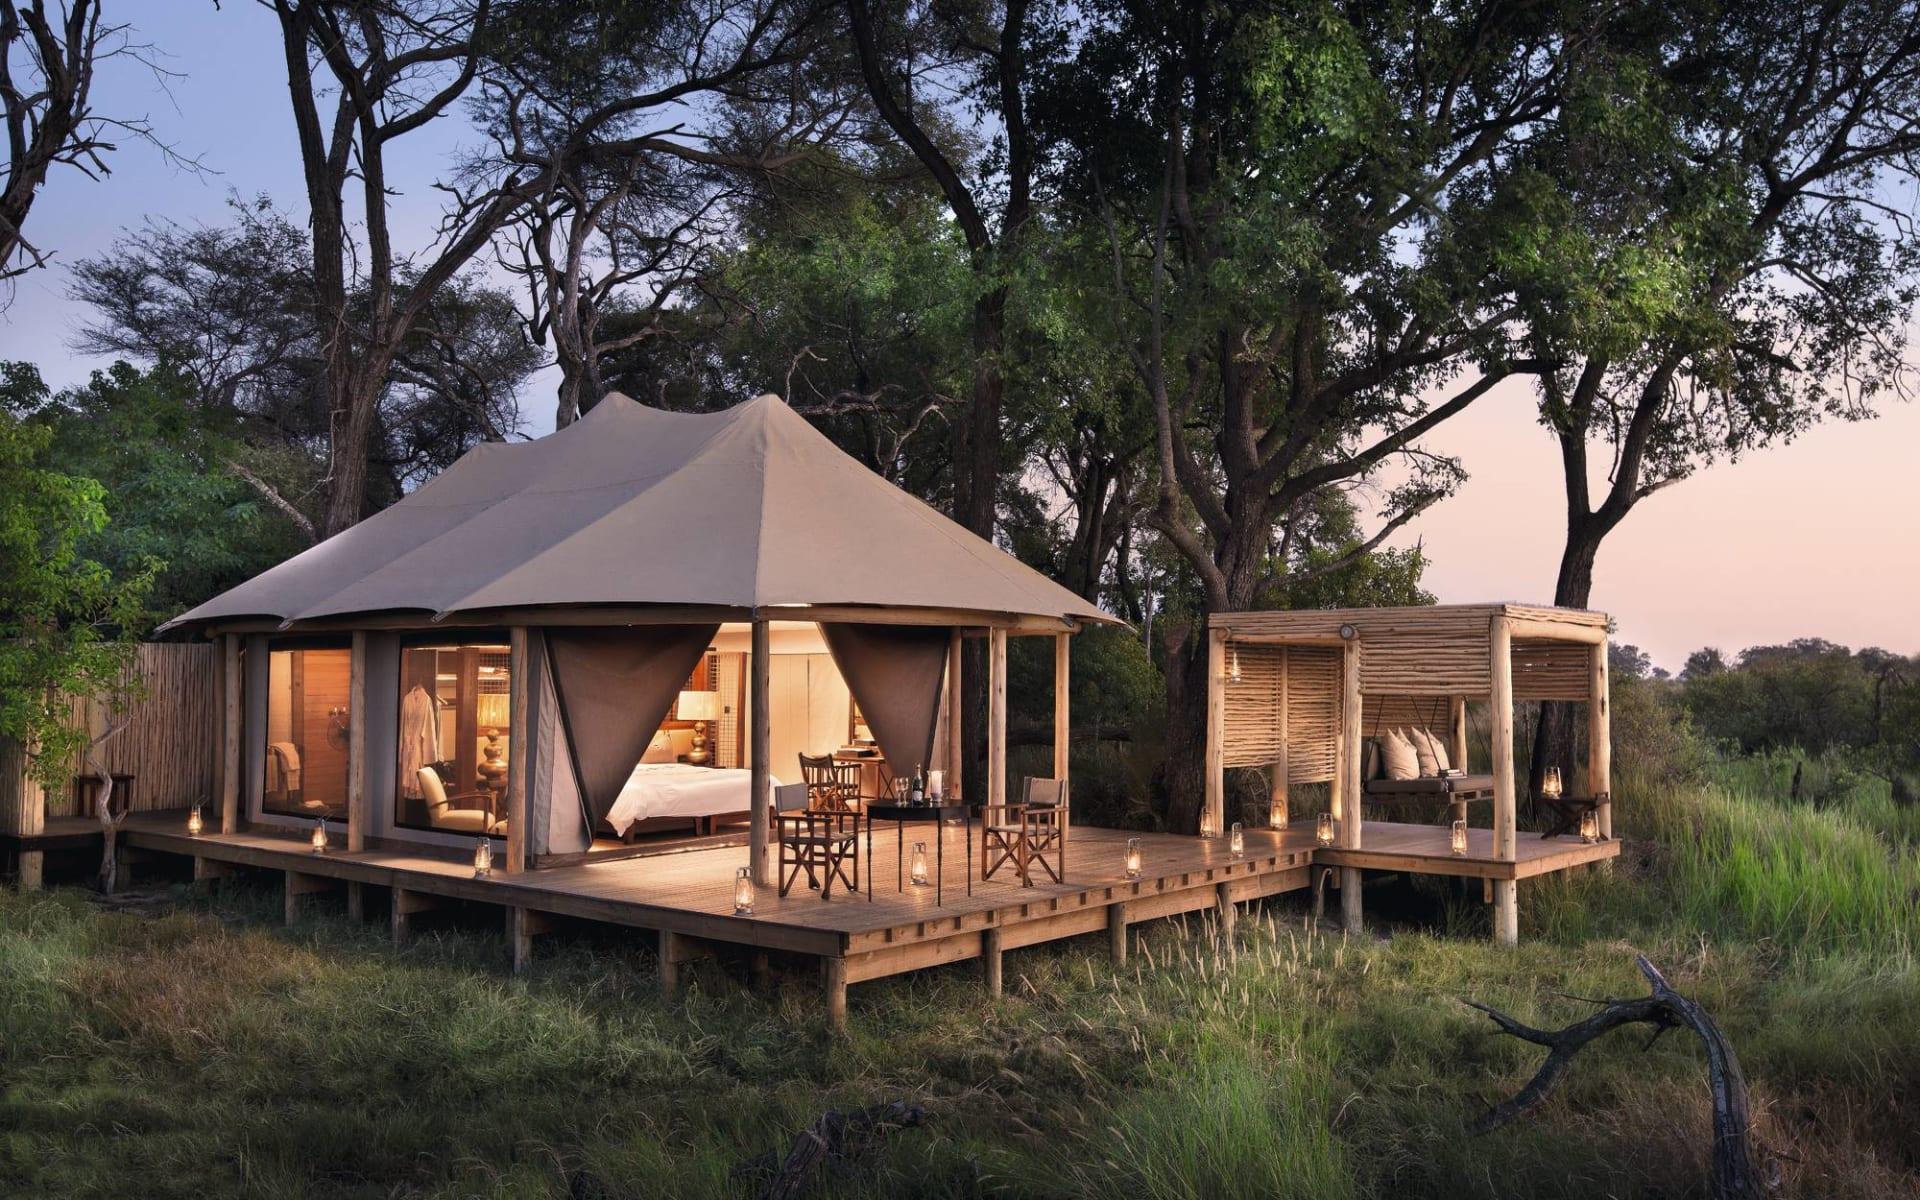 Nxabega Okavango Tented Camp in Okavango Delta: Nxabega Camp - Aussenansicht Zeltzimmer mit Sala c andbeyond$